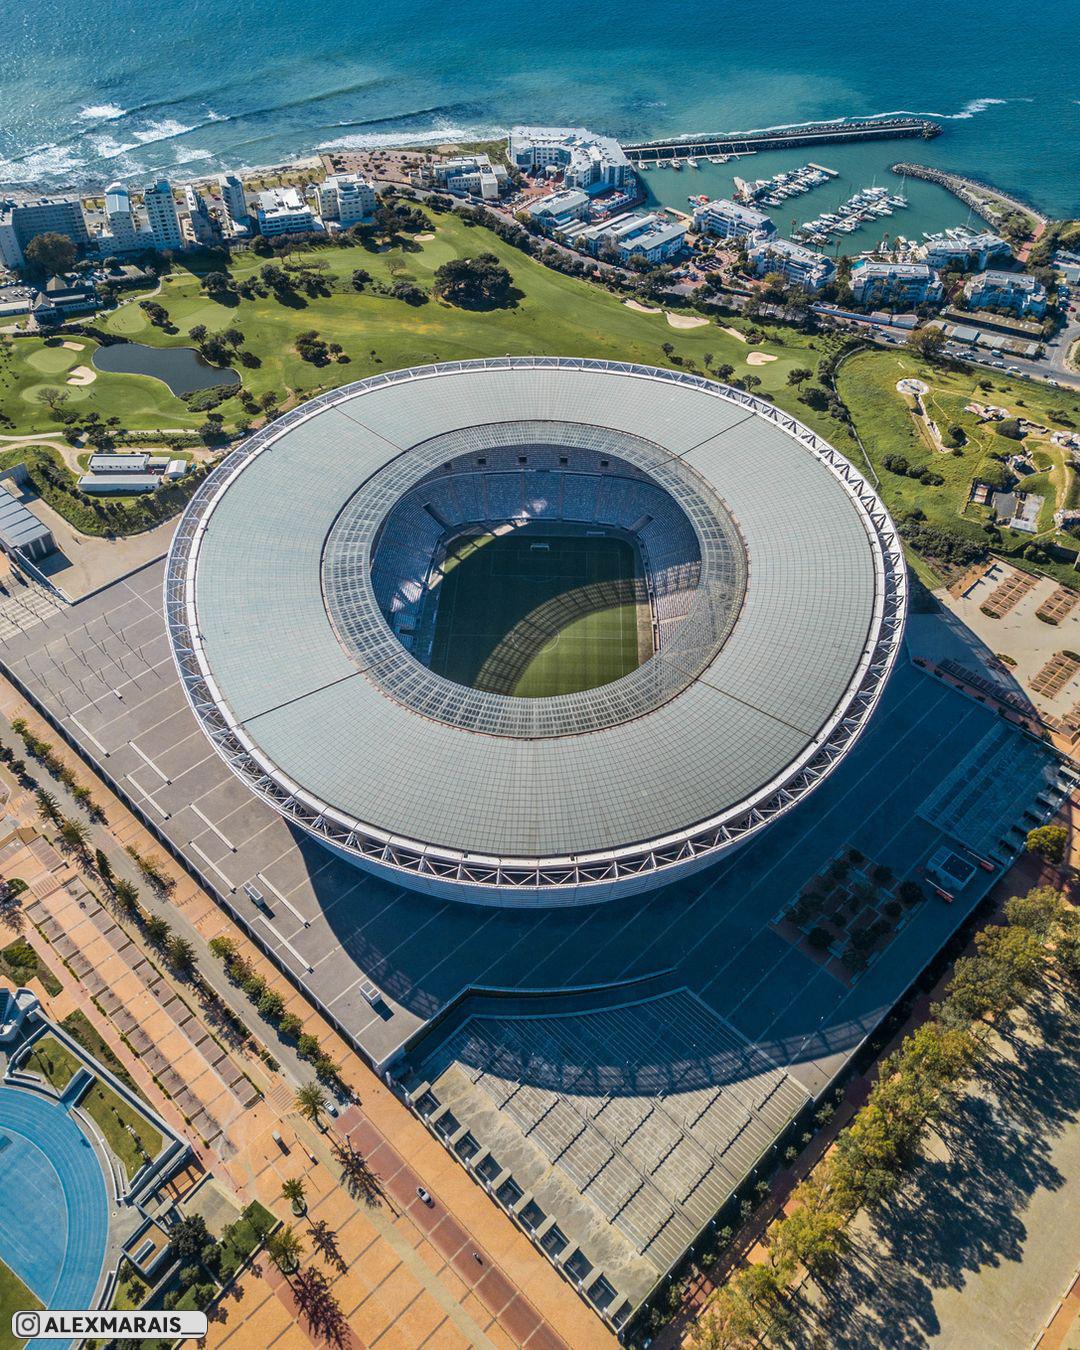 Самые сочные фотки африканского стадиона «Кейптаун», расположенного между  побережьем Атлантического океана и горами